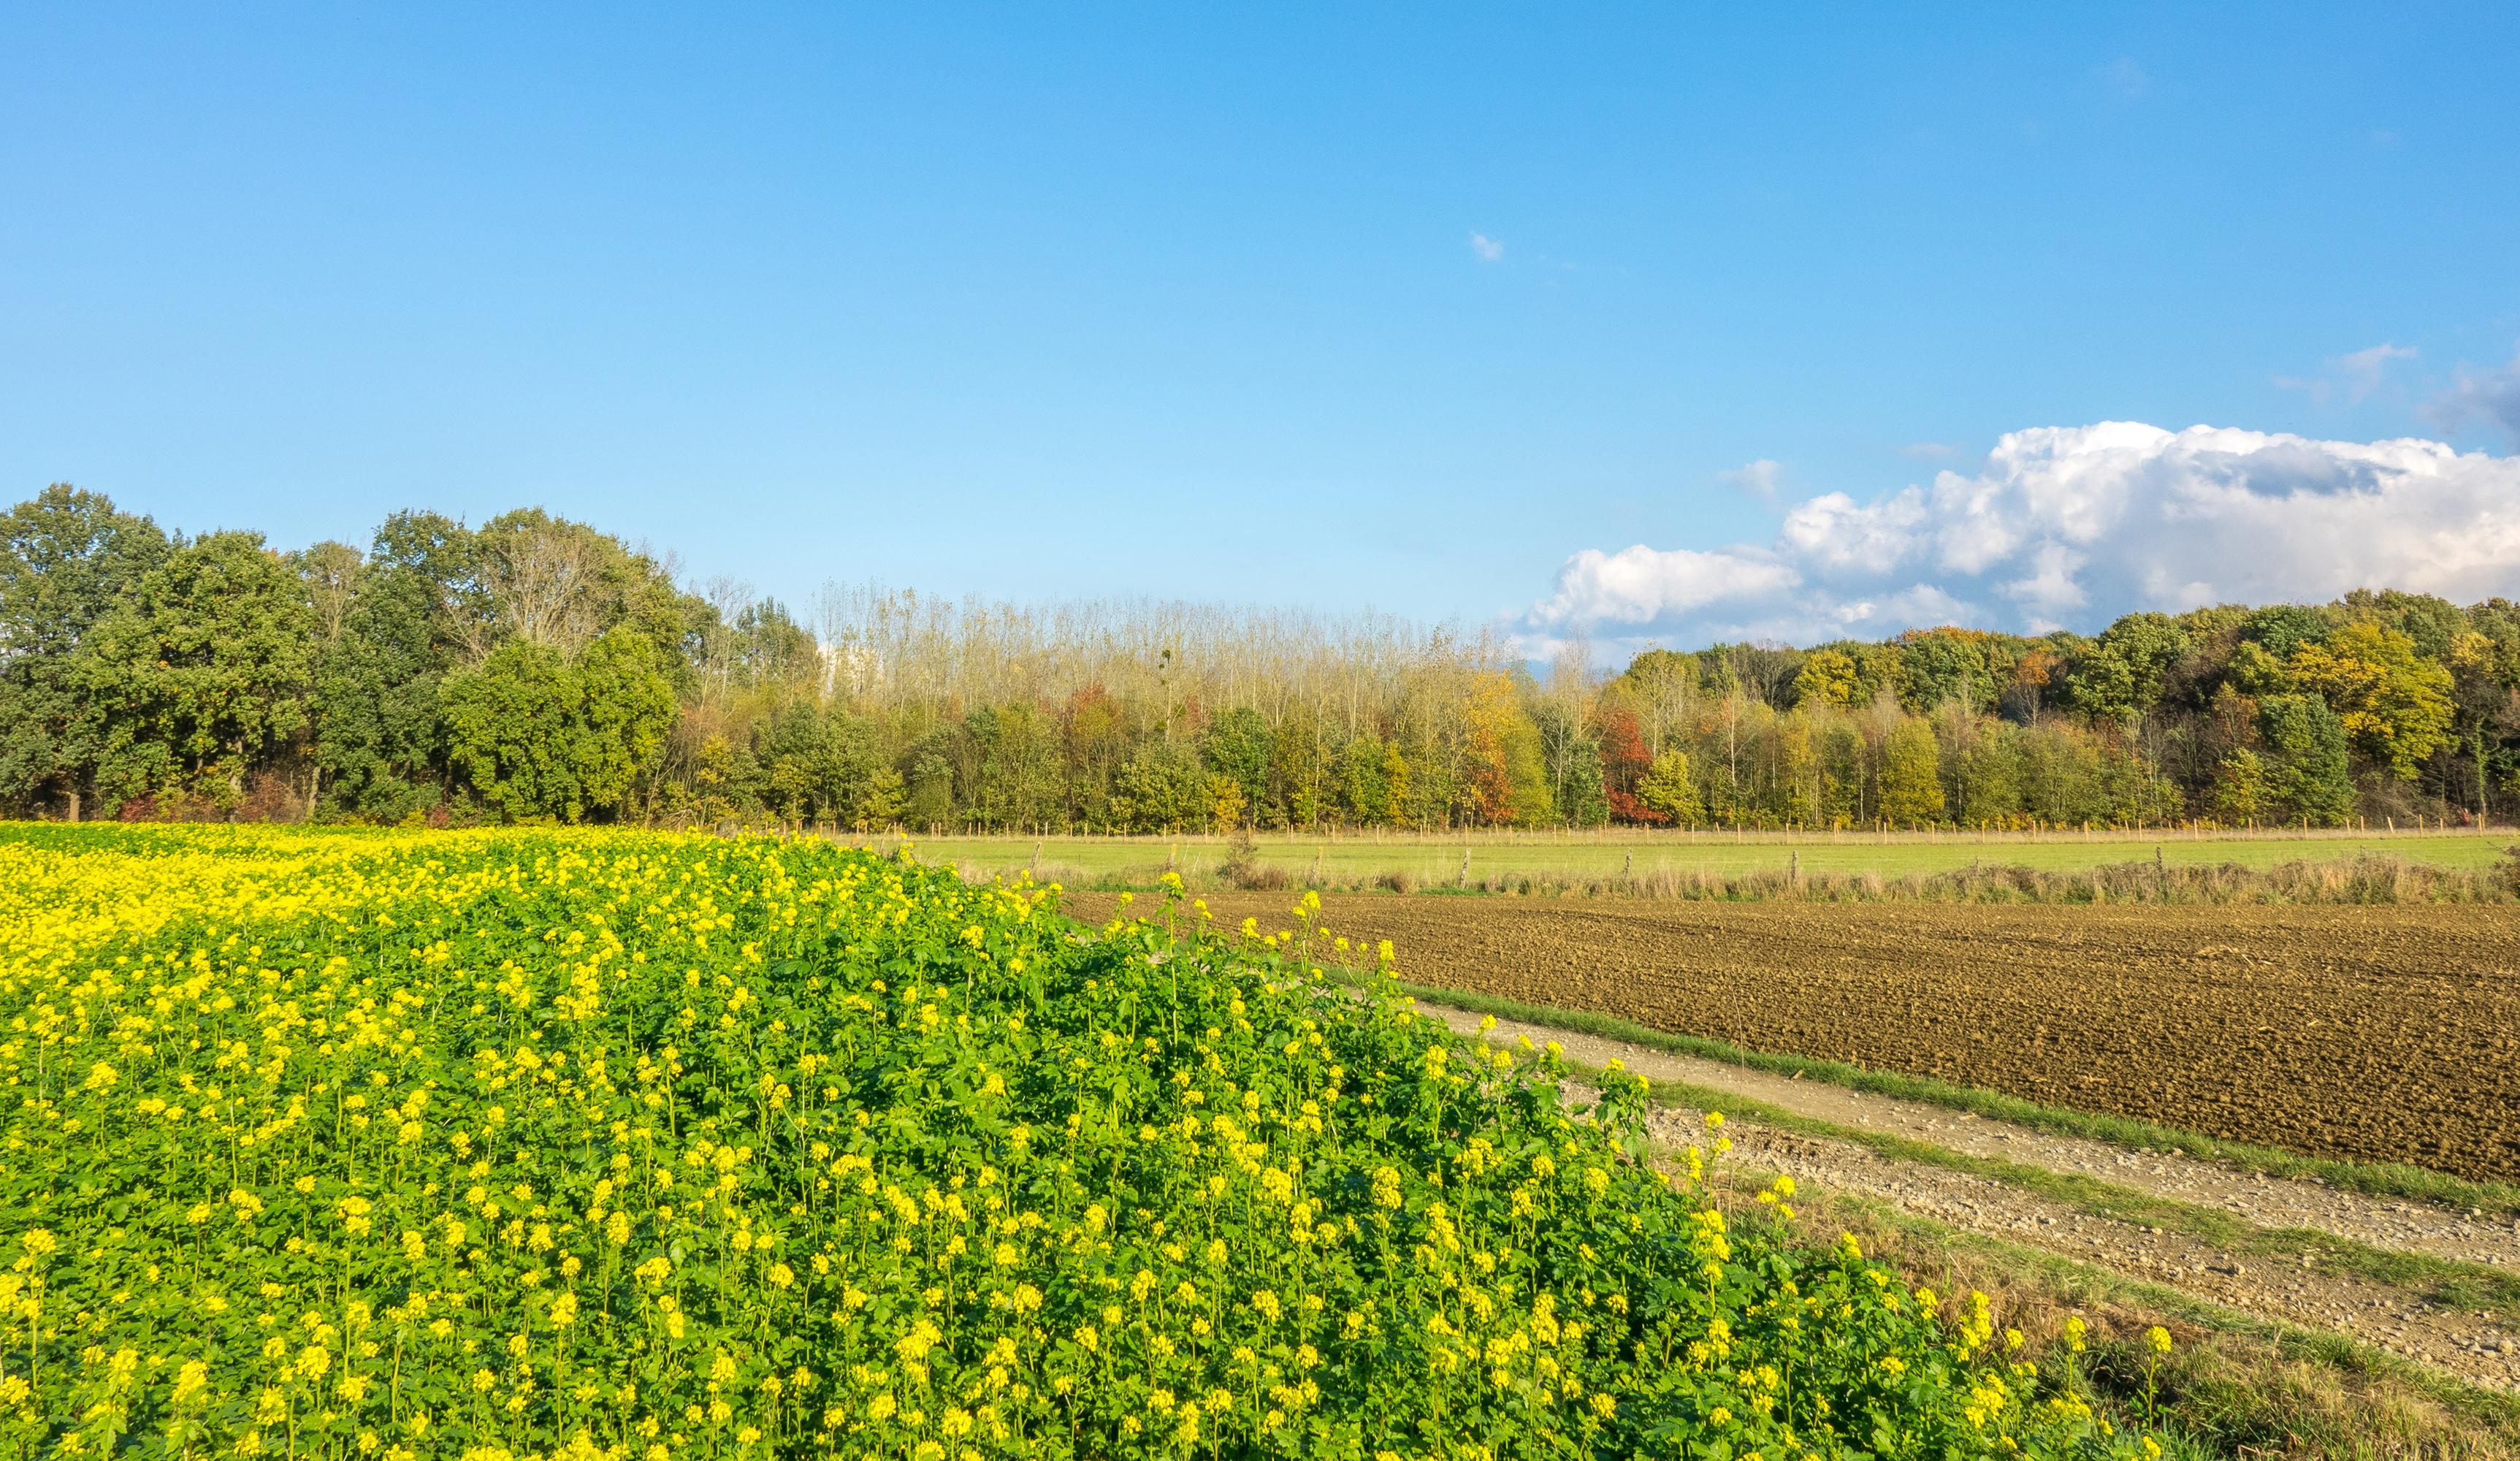 Фотография Бельгия Houwaart Vlaams Brabant Природа весенние Поля 3450x2000 Весна